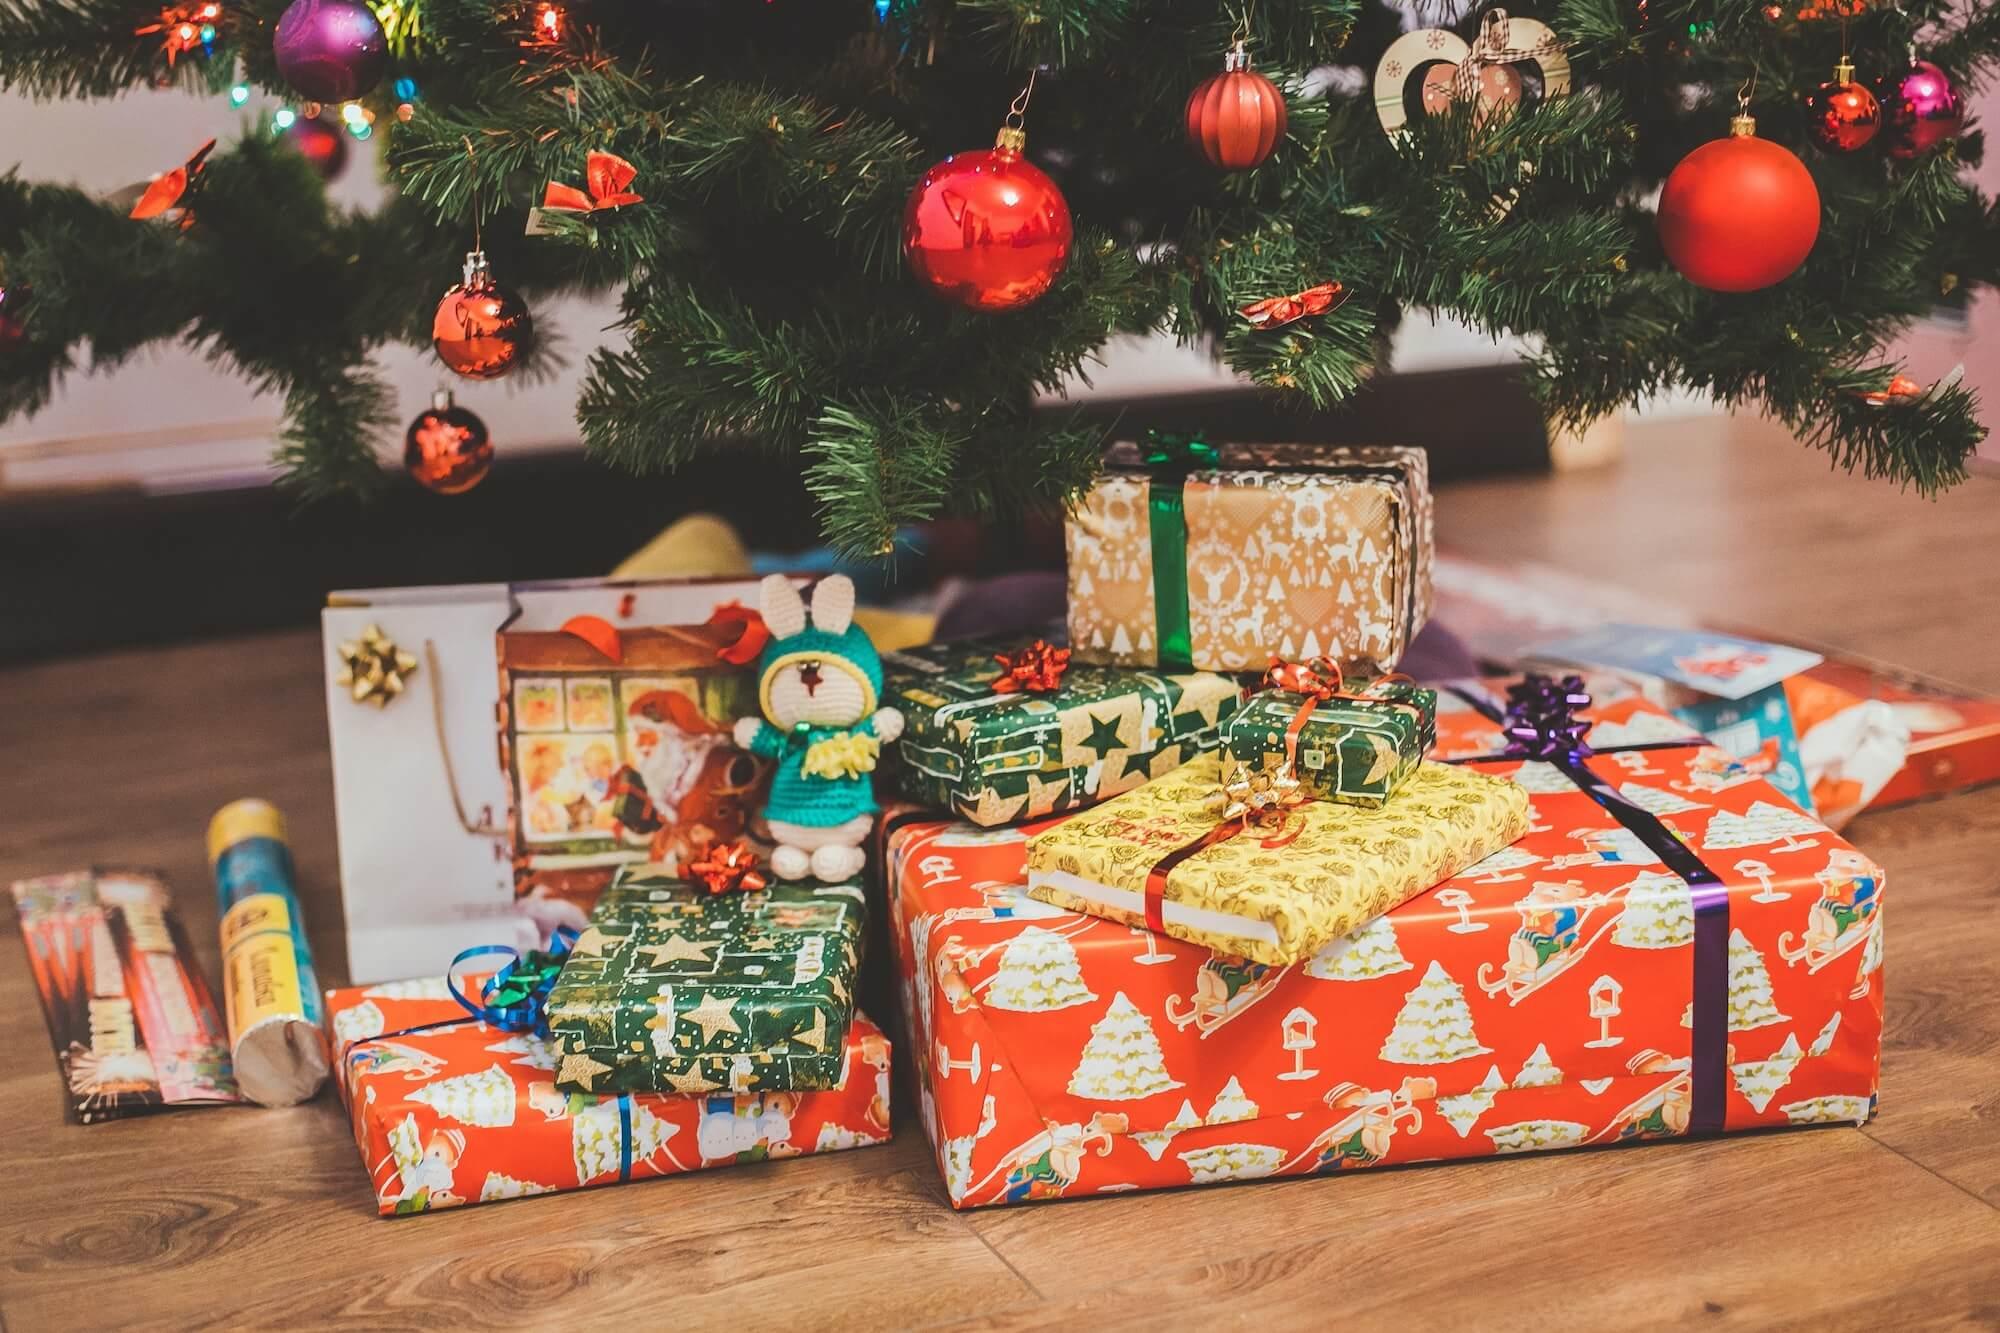 Cadeaux de Noël au pied du sapin